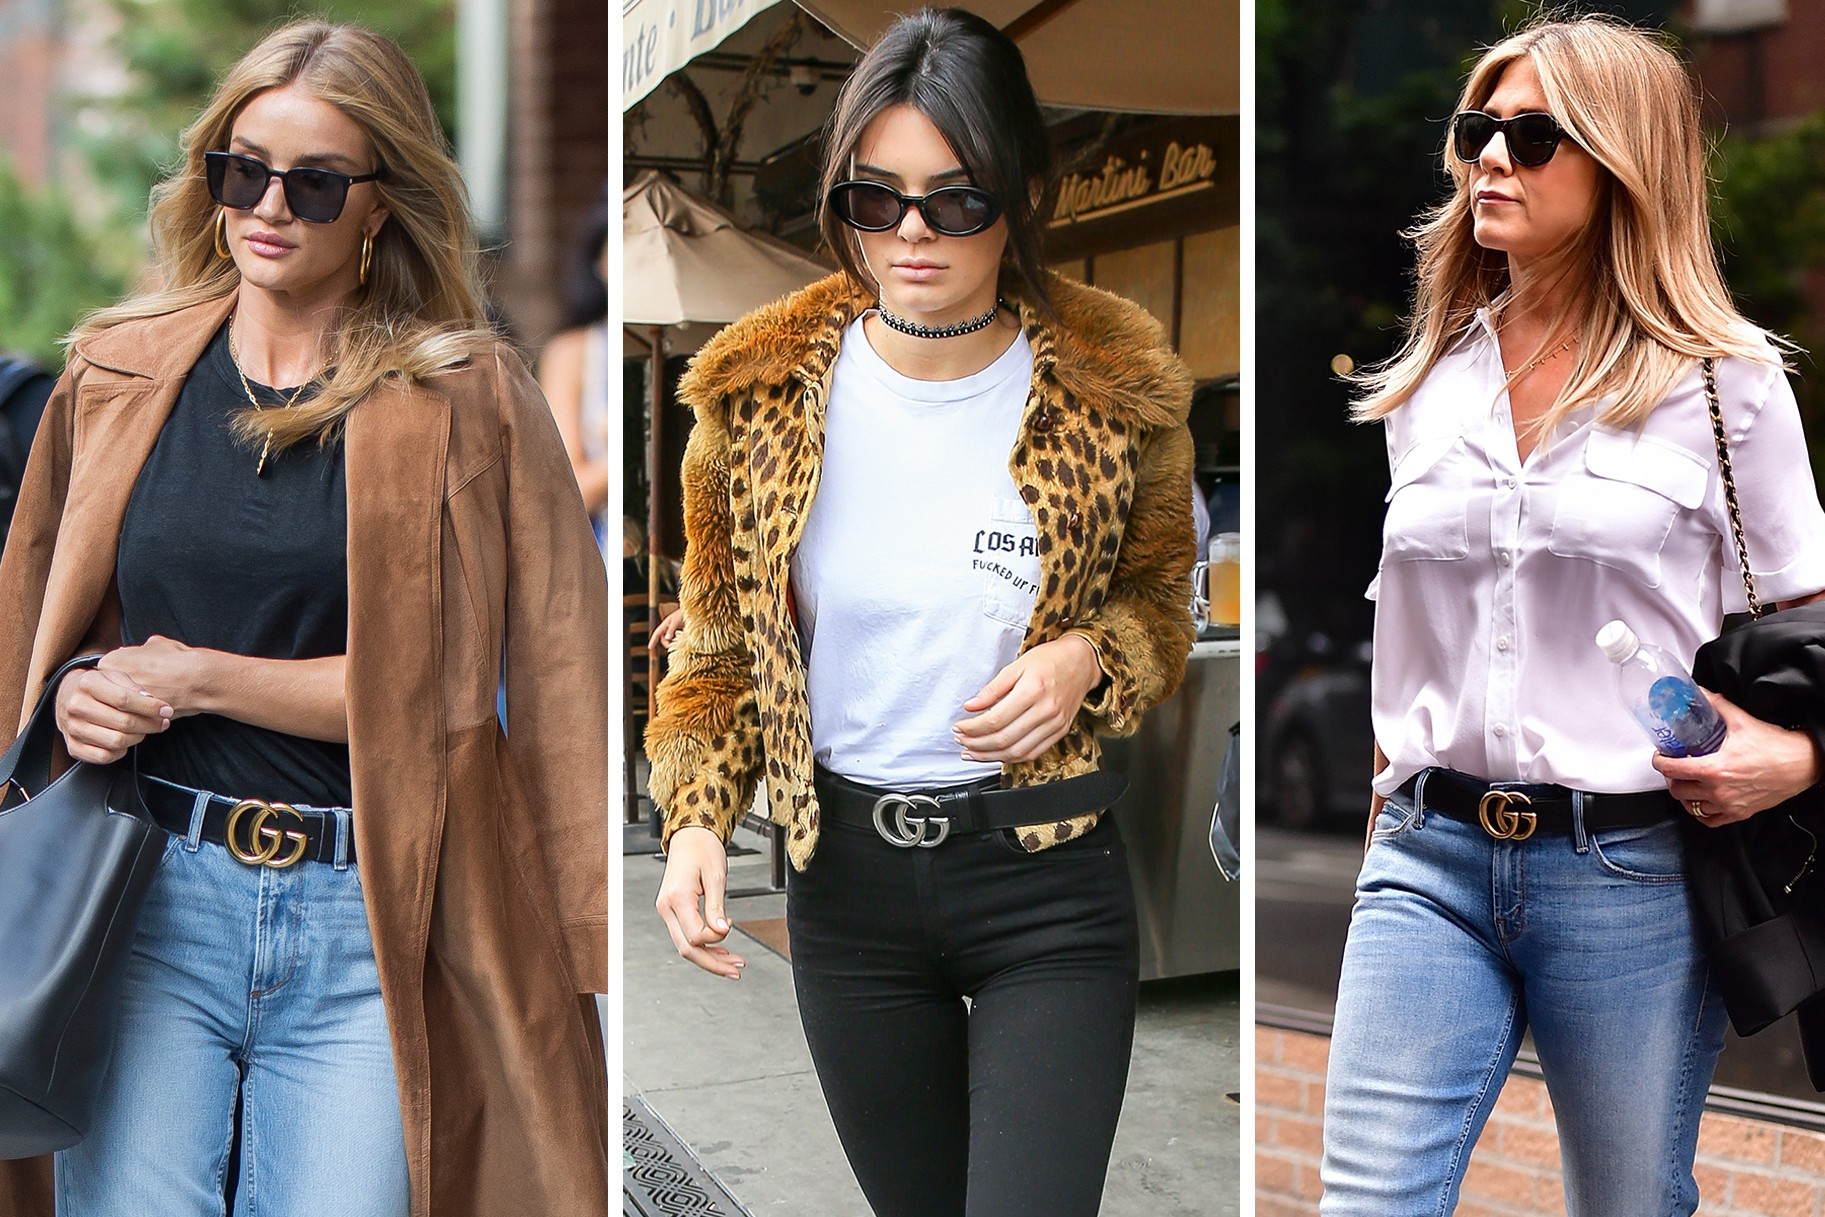 Gucci chính thức phá đảo làng đồ hiệu thế giới, trở thành thương hiệu phổ biển nhất hiện nay - Ảnh 1.